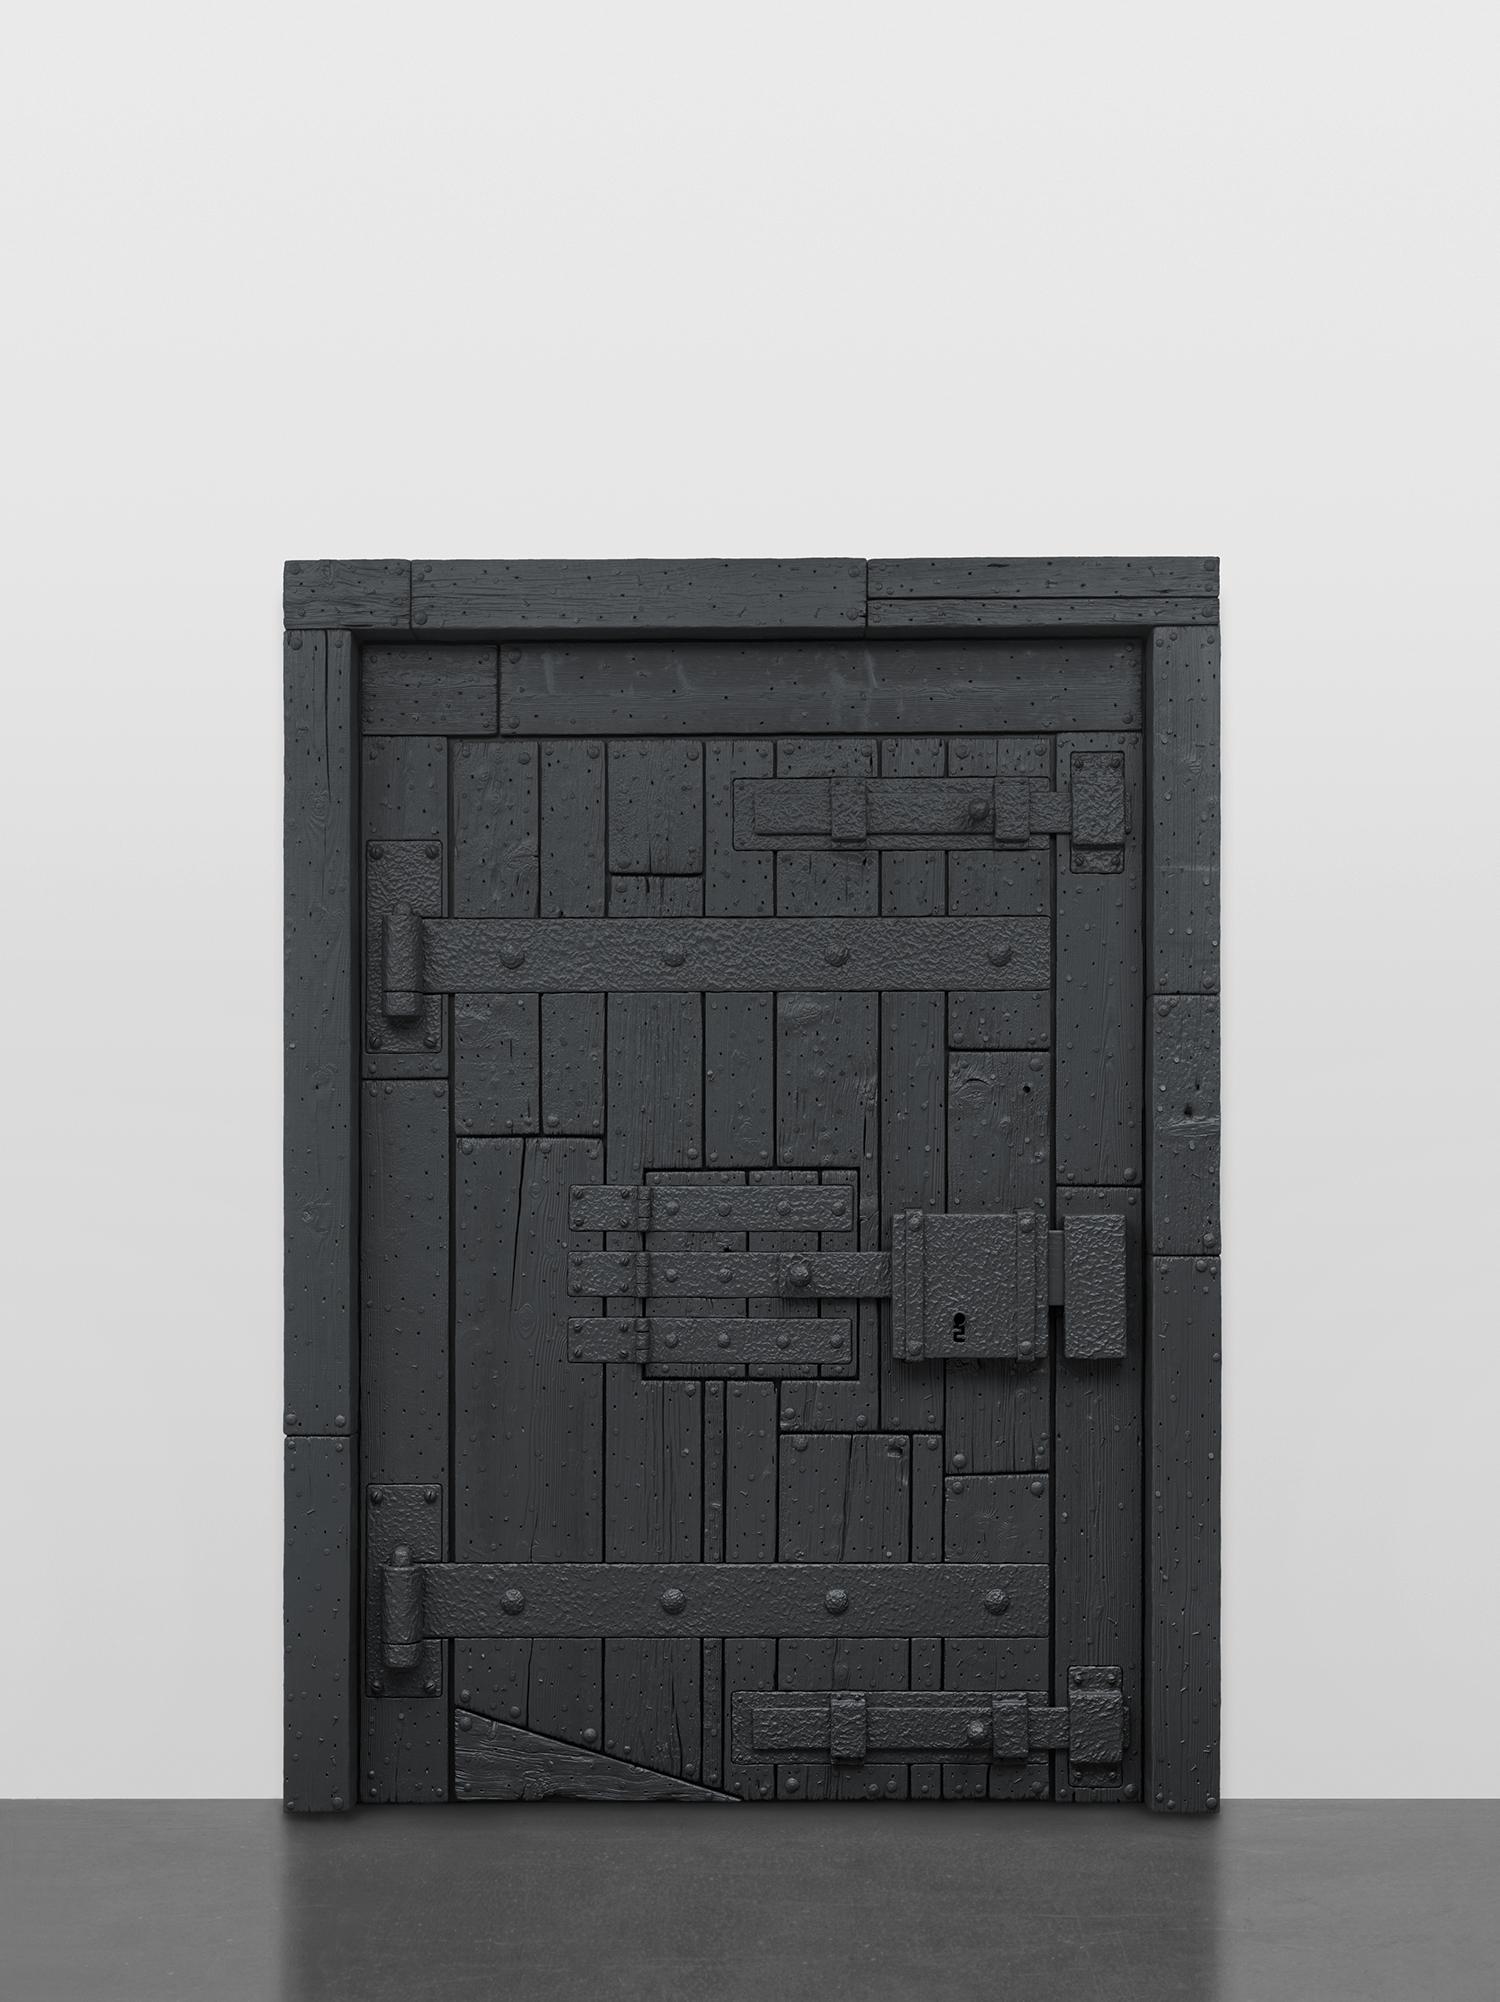 Pressemelding: Ugo Rondinone åpner sin første soloutstilling i Norge på Sørlandets Kunstmuseum